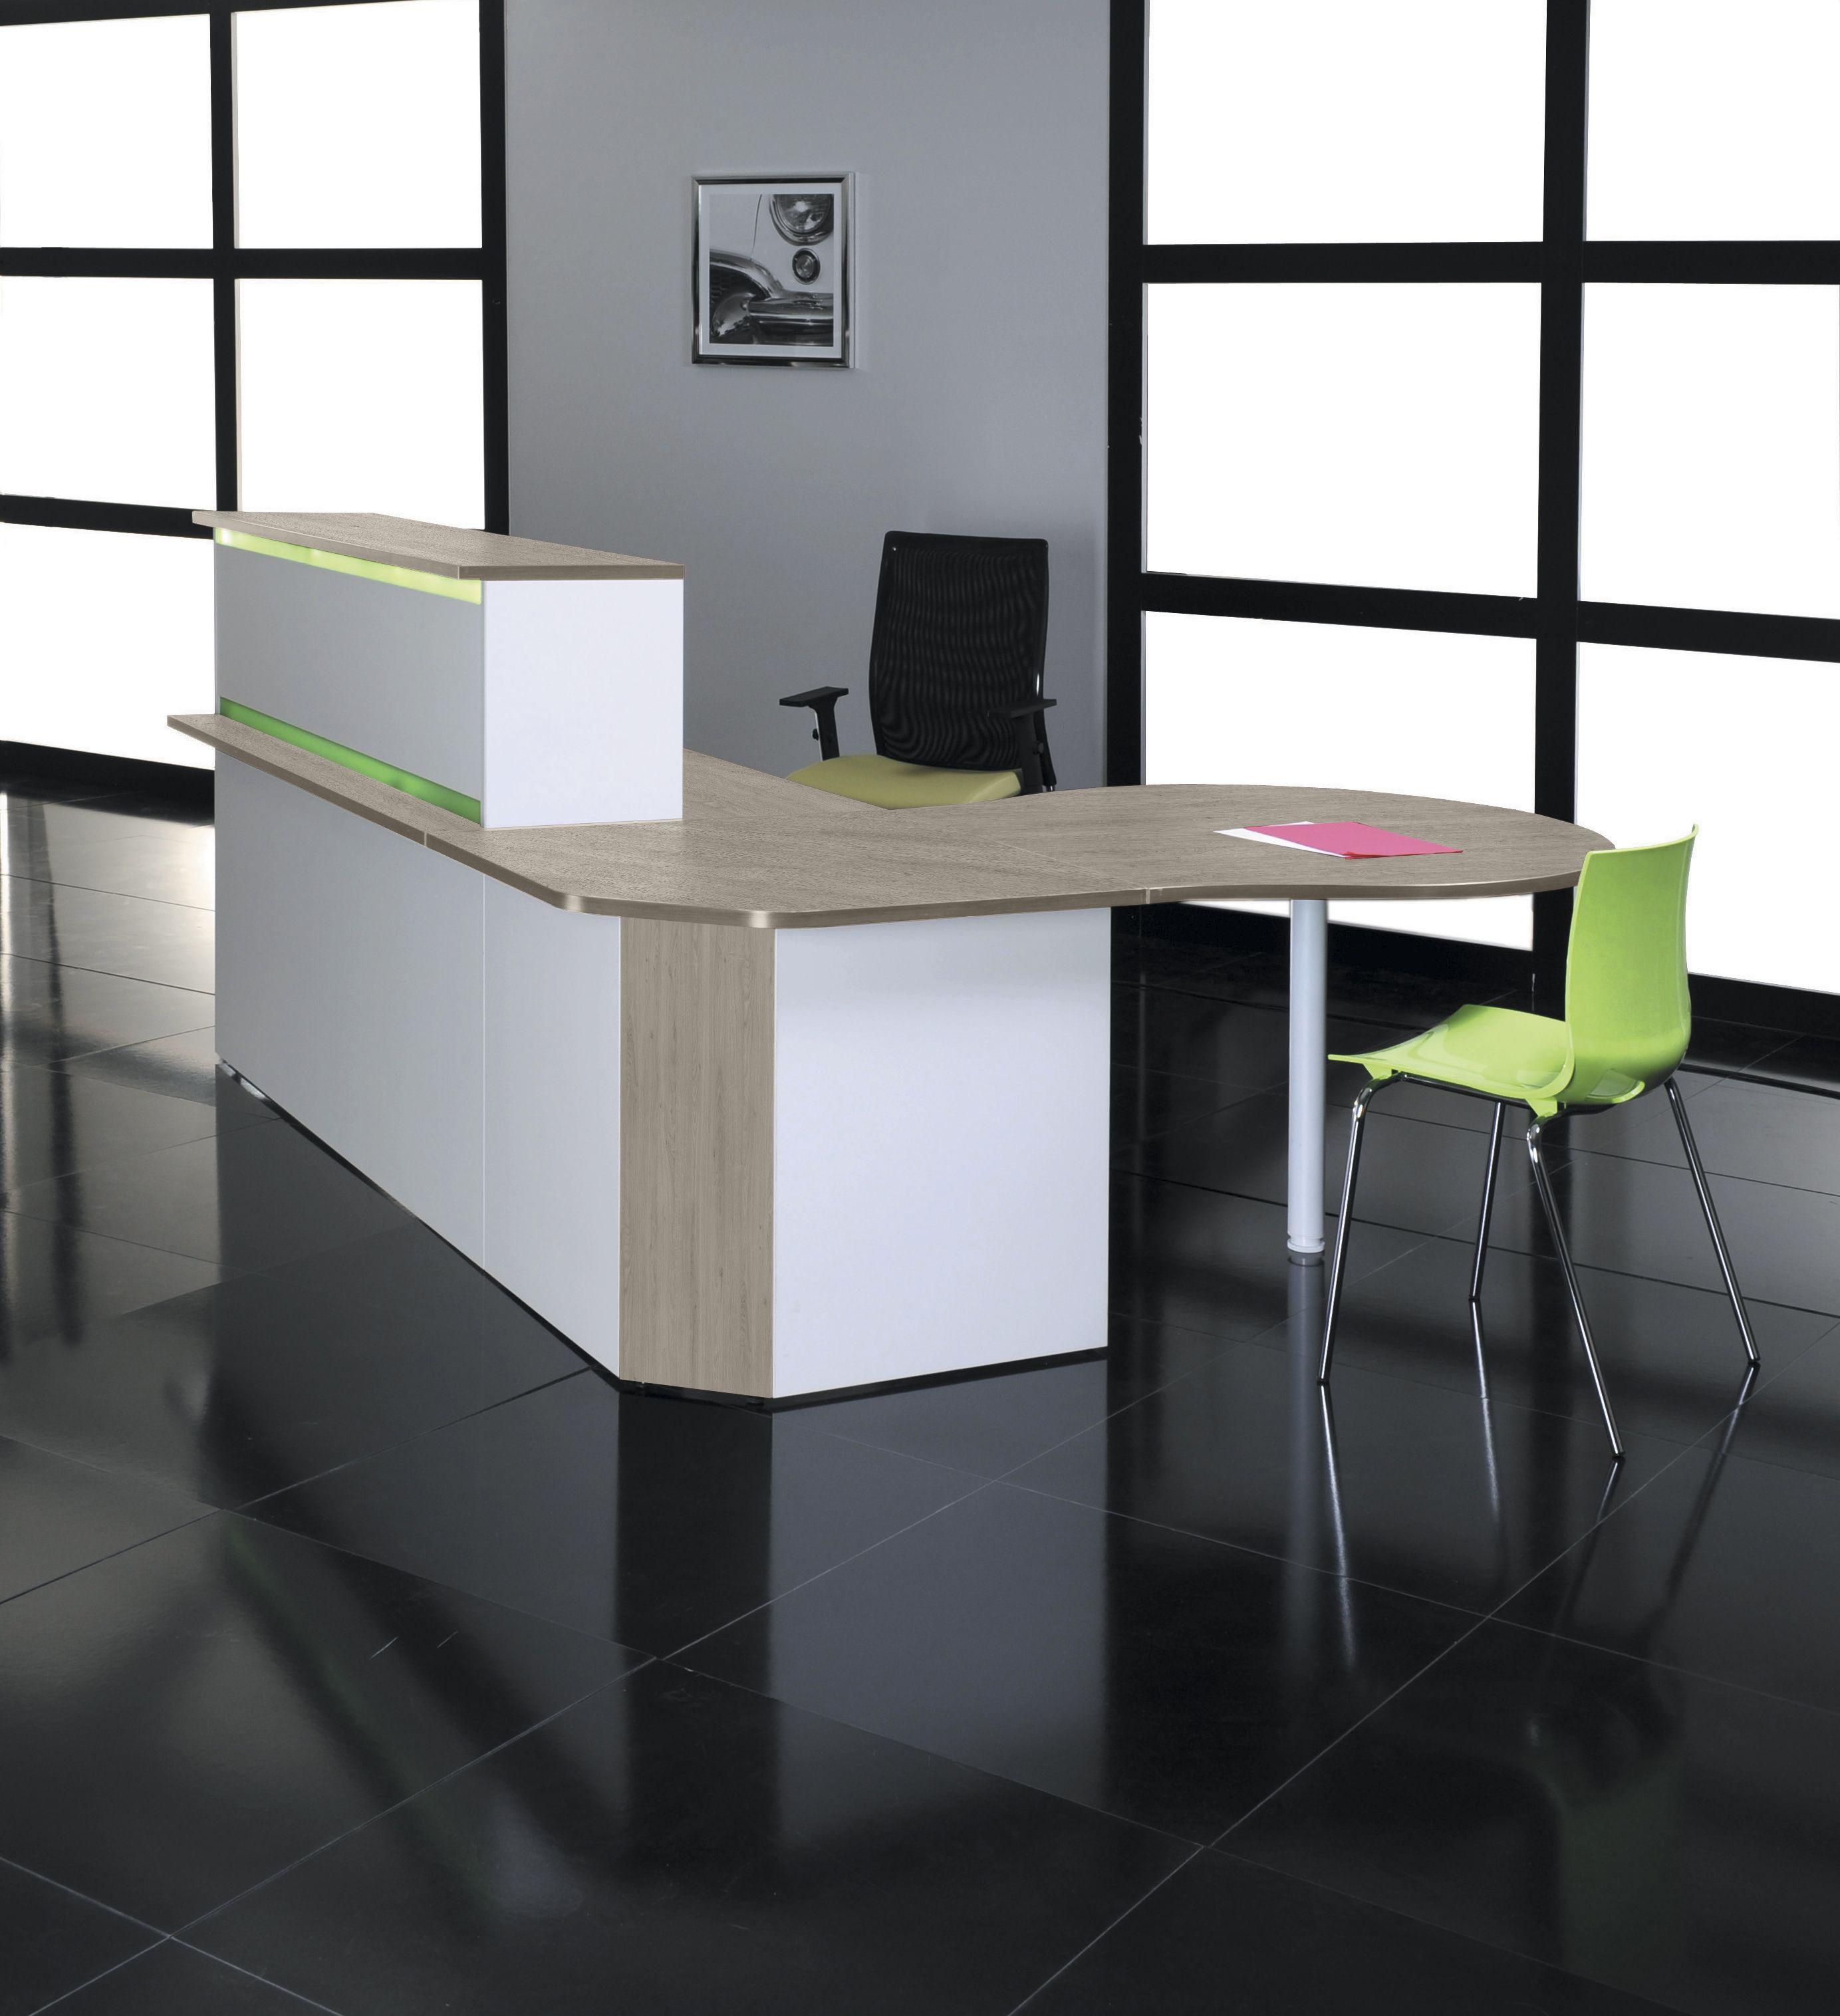 Banque d'accueil LUMINA - sans réhausse - L160 x H75 x P80 cm - Finition chêne gris/blanc